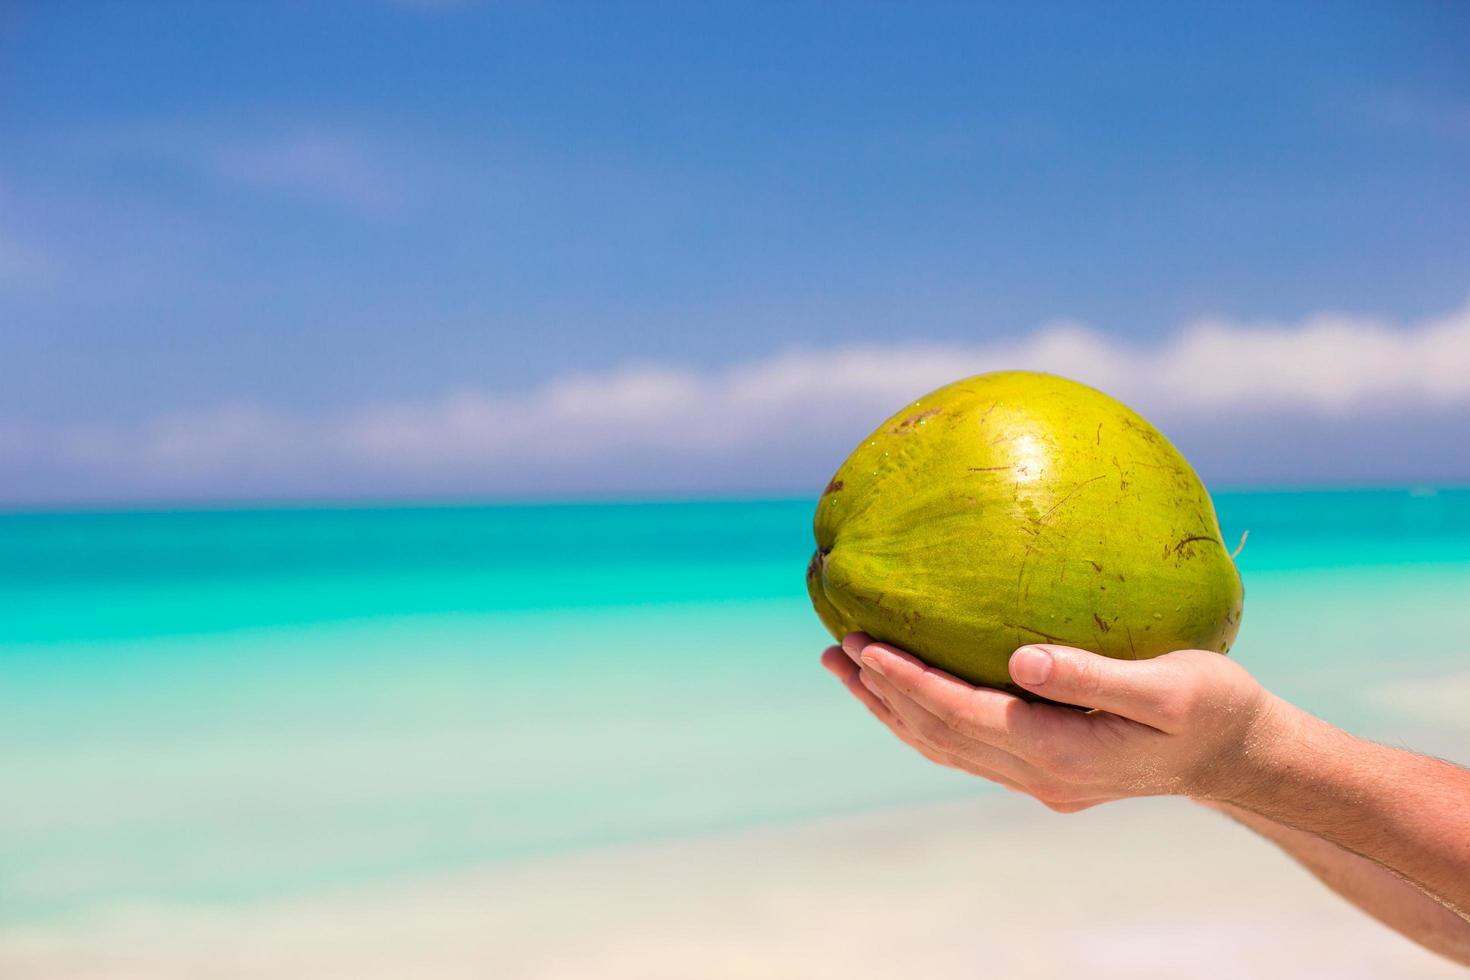 persona in possesso di una noce di cocco su una spiaggia foto